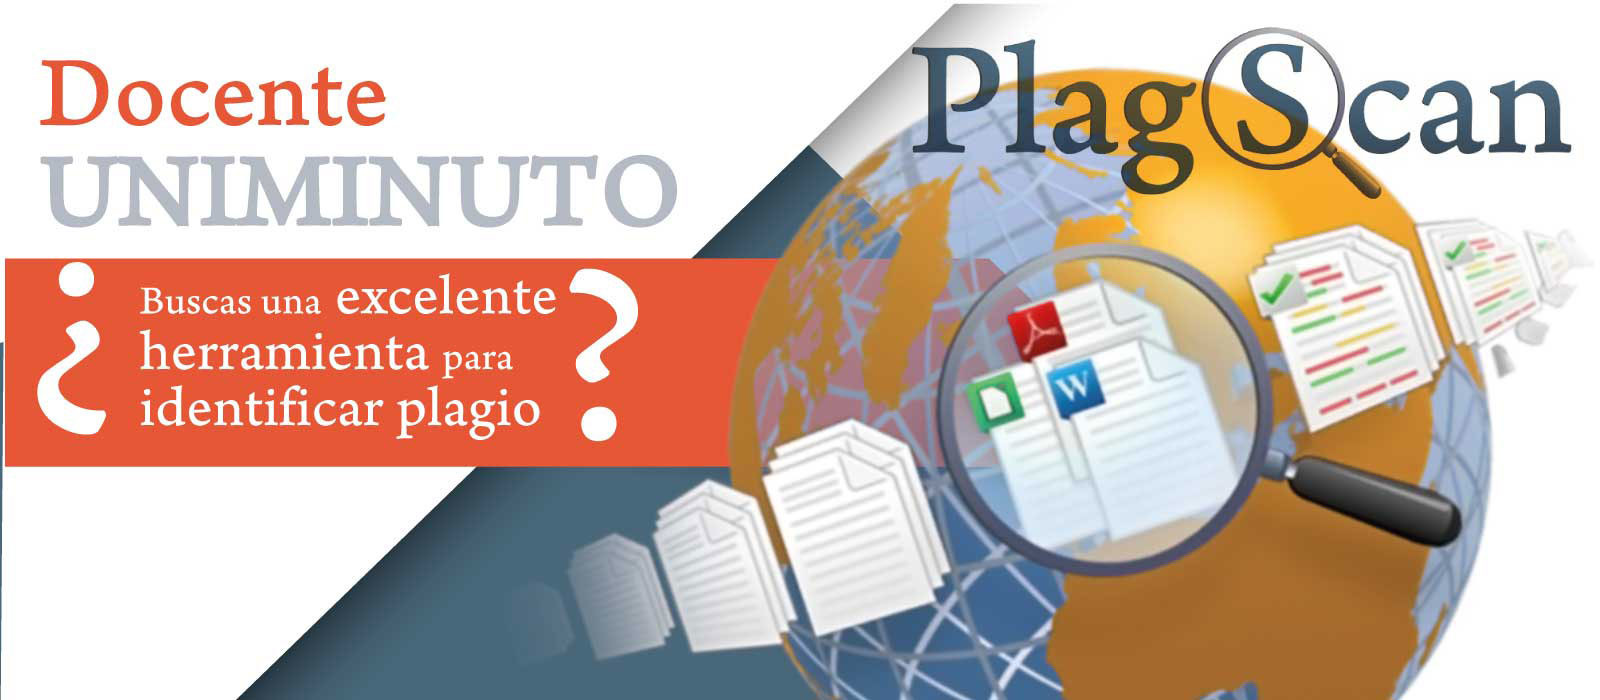 Plagio